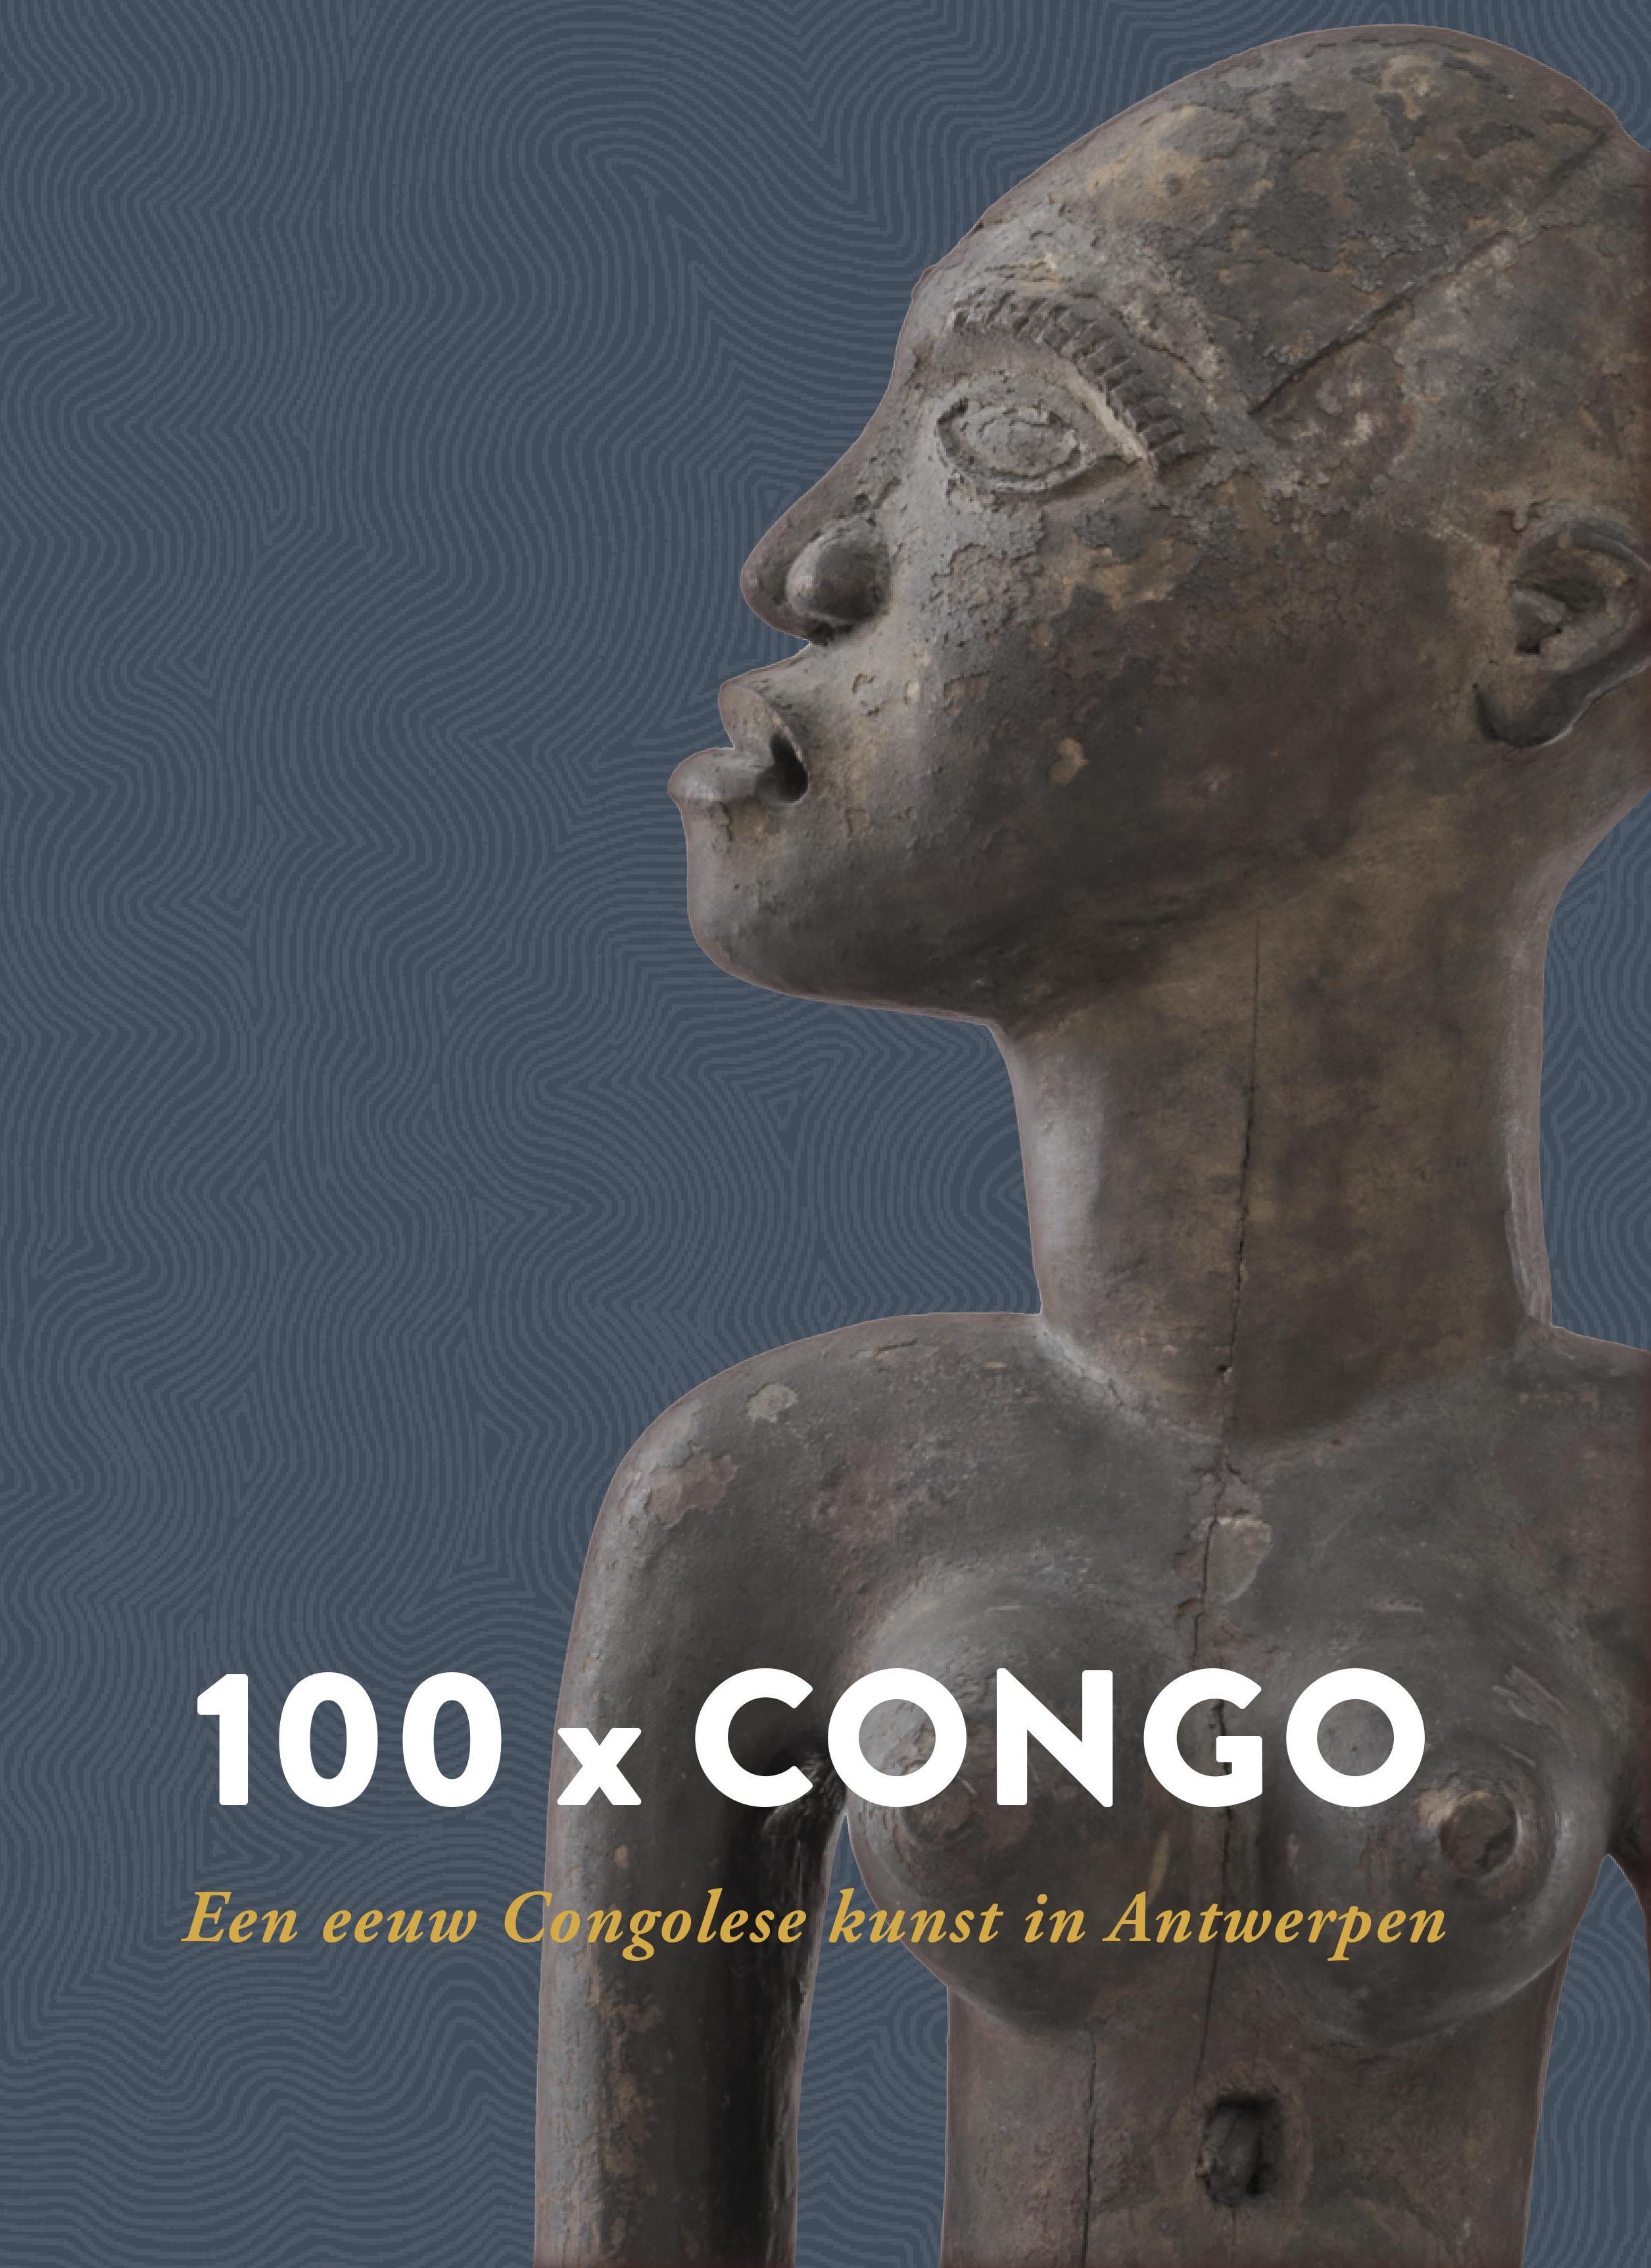 coverbeeld van de publicatie bij de expo